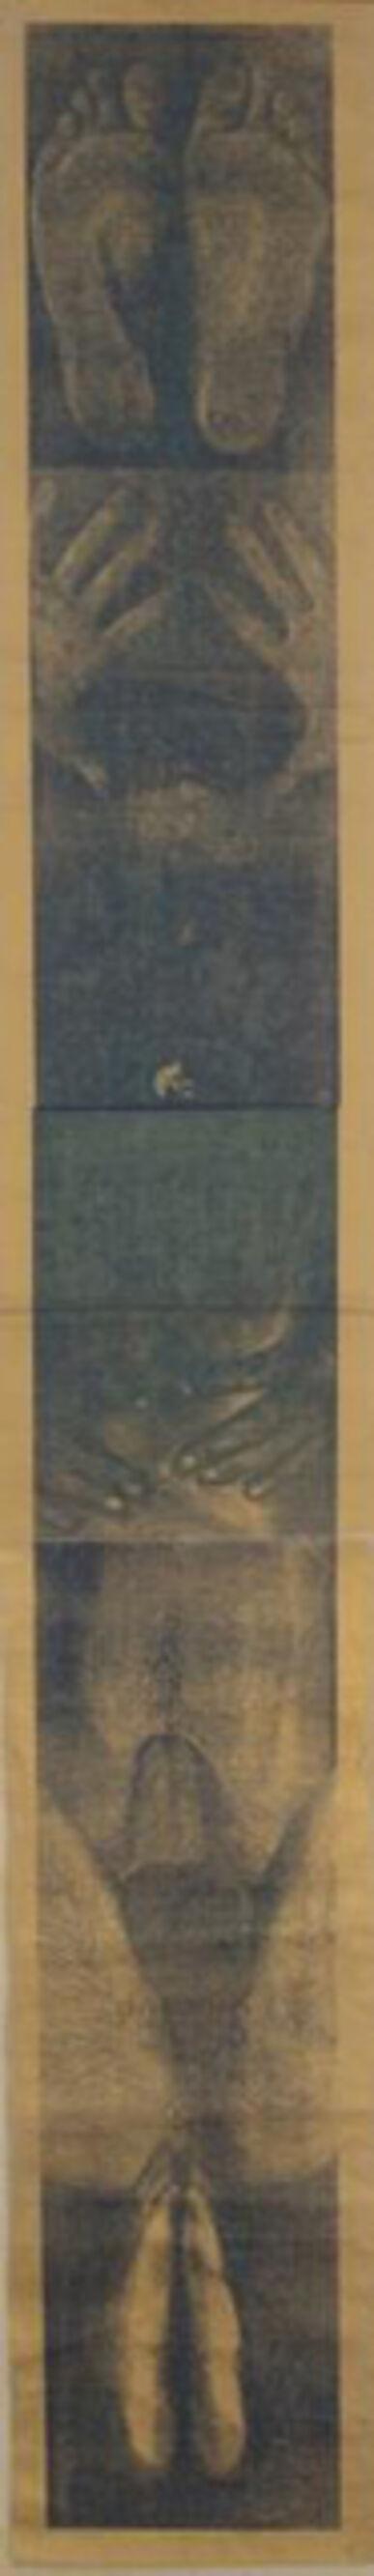 Penny Slinger, 'Man Scroll', 1976